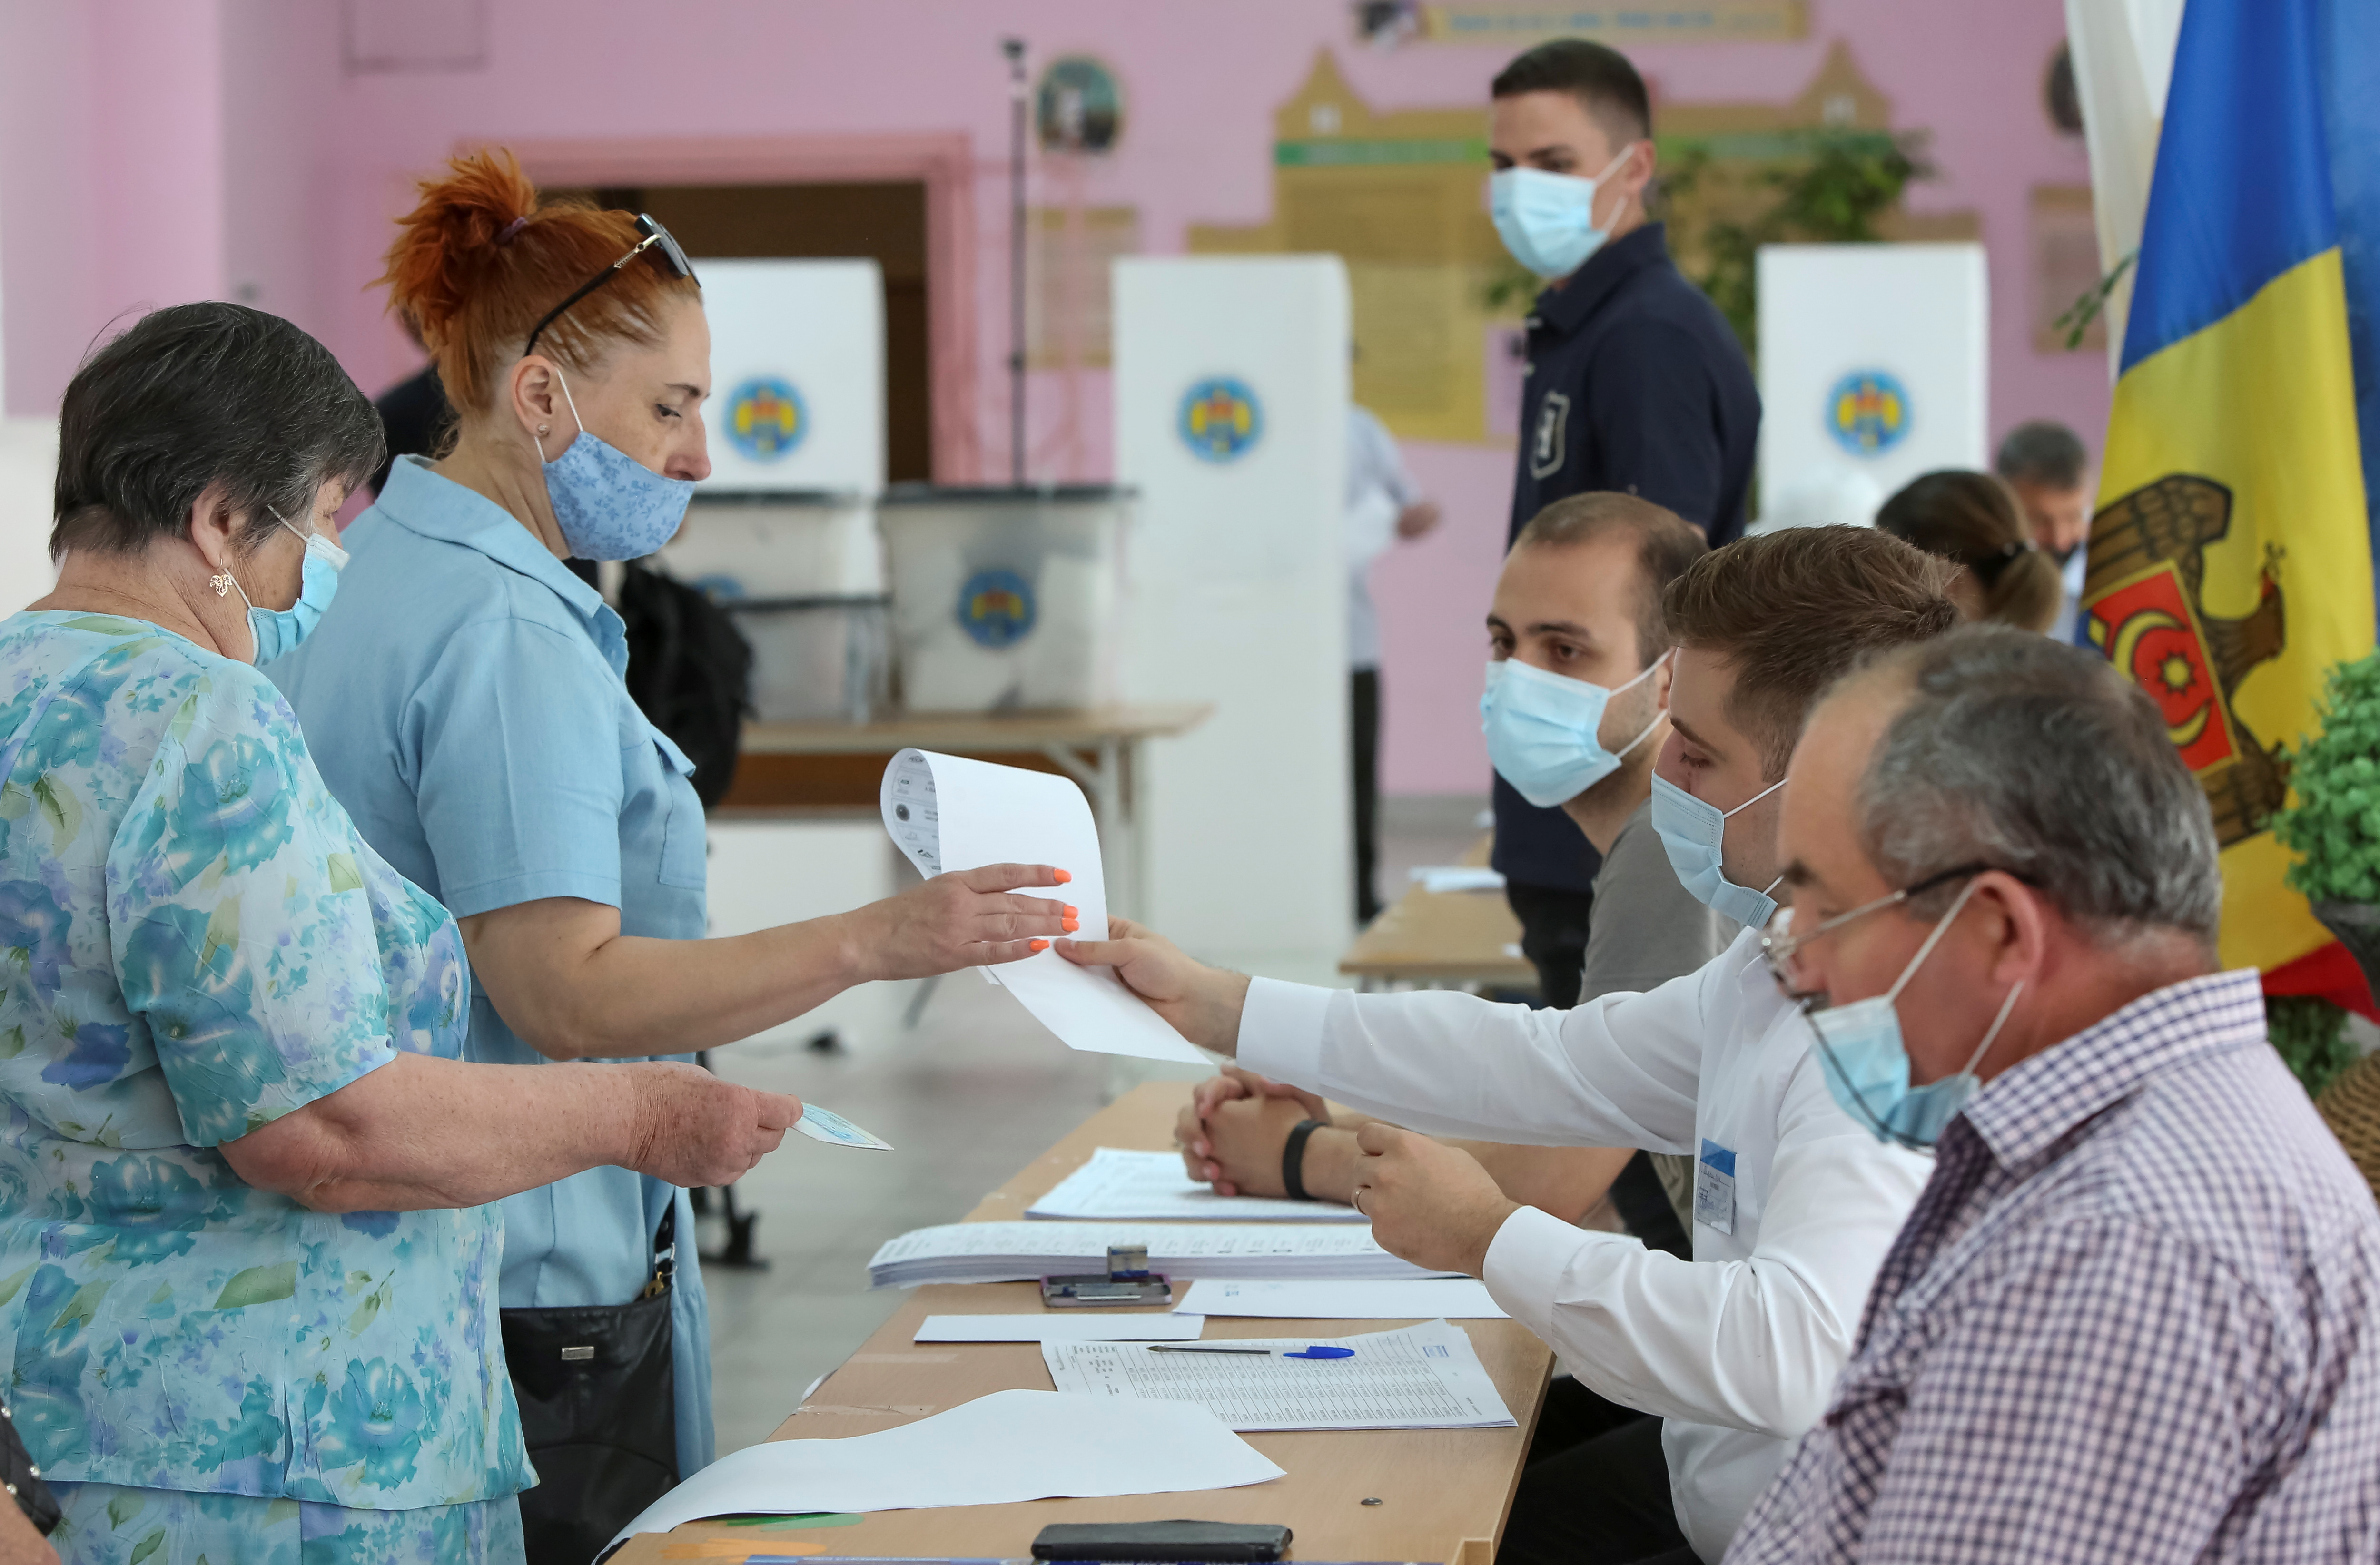 A xente fai cola para recibir papeletas durante unha votación nunhas eleccións parlamentarias rápidas, en Chisinau, Moldavia, o 11 de xullo de 2021. REUTERS / Vladislav Culiomza